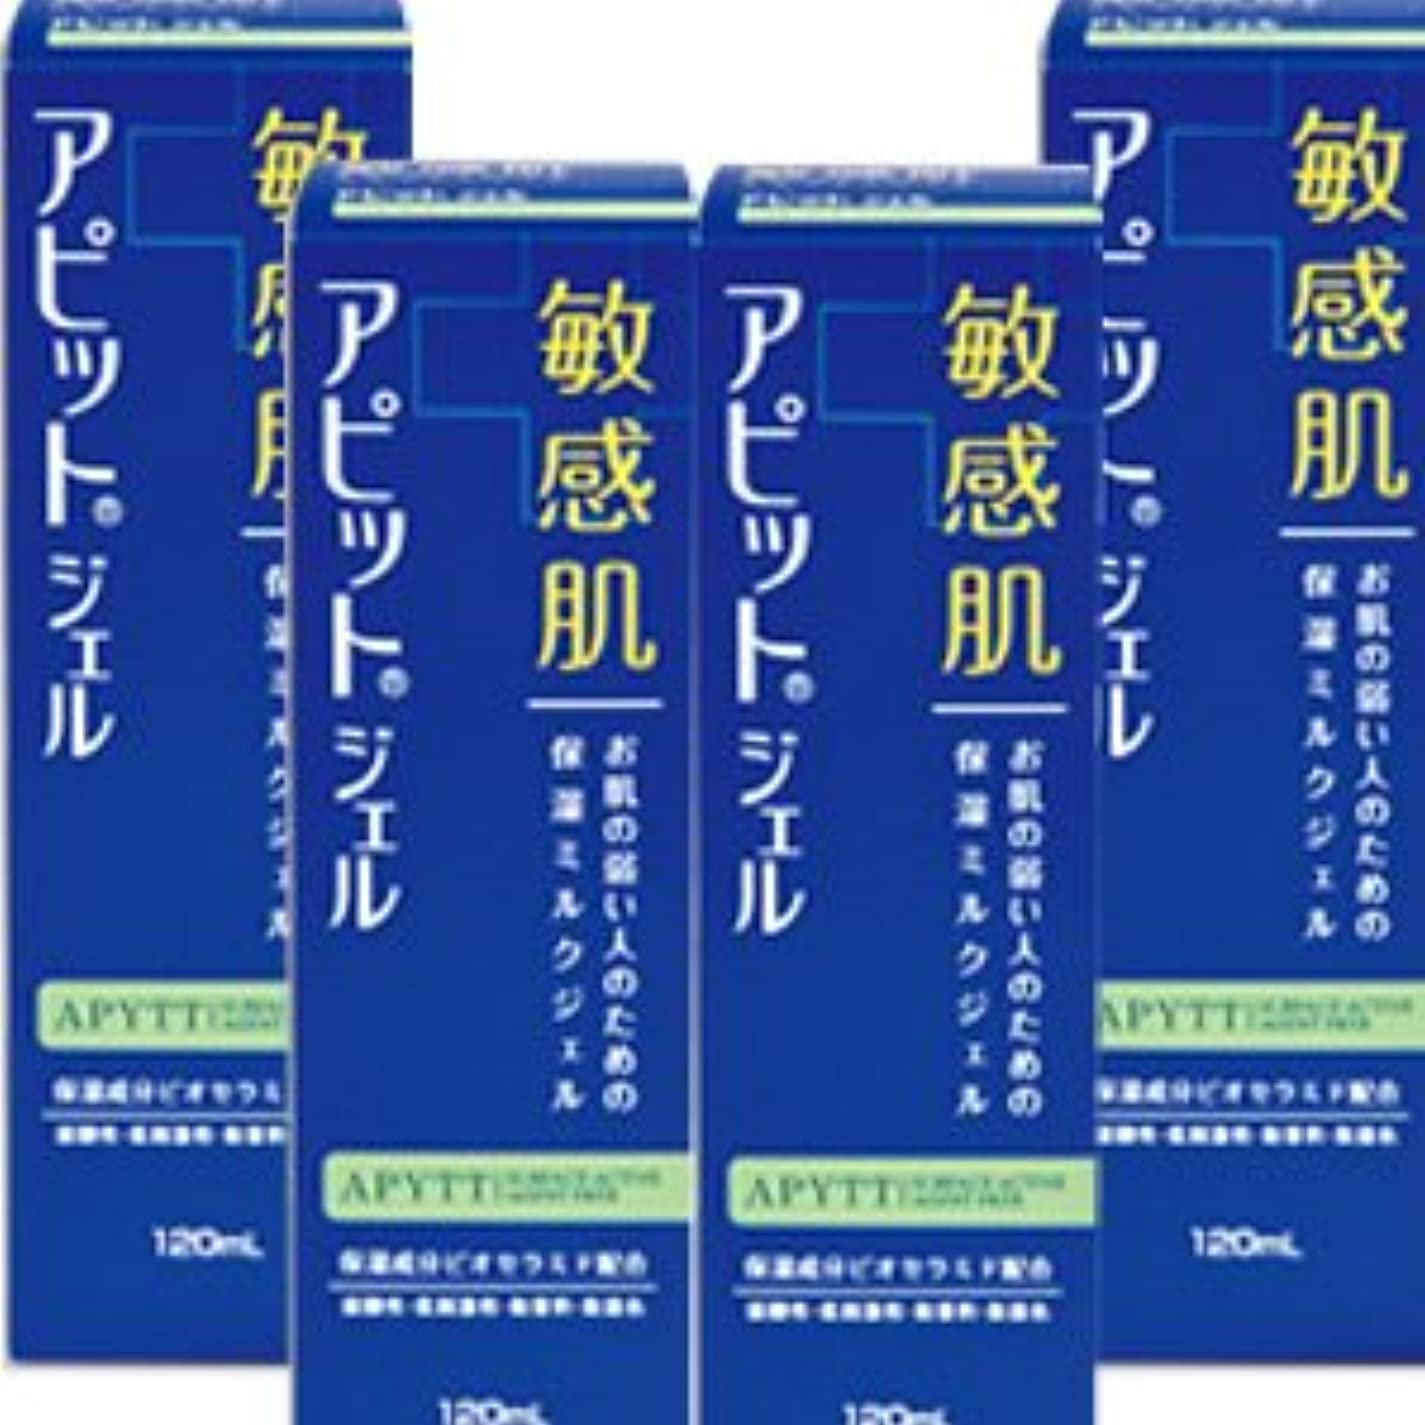 馬力待つ帳面【4個】全薬工業 アピットジェルS 120mlx4個セット (4987305034625)